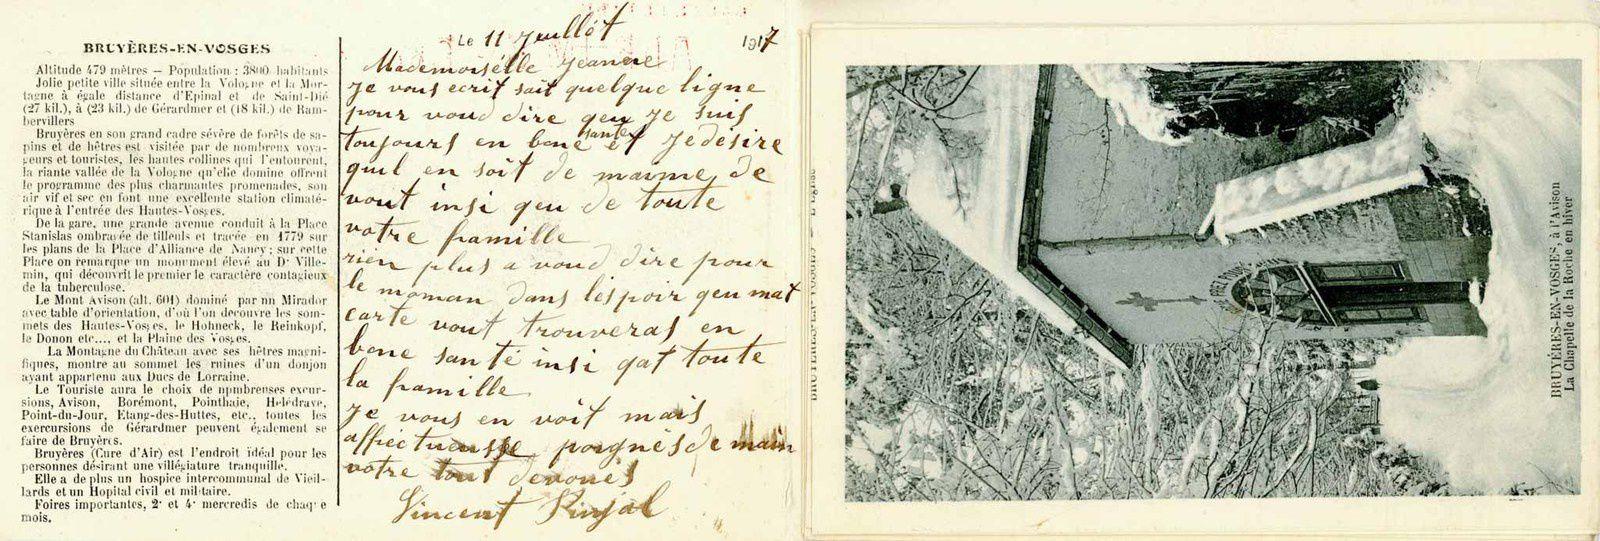 Un album carte-lettre de Bruyères-en-Vosges